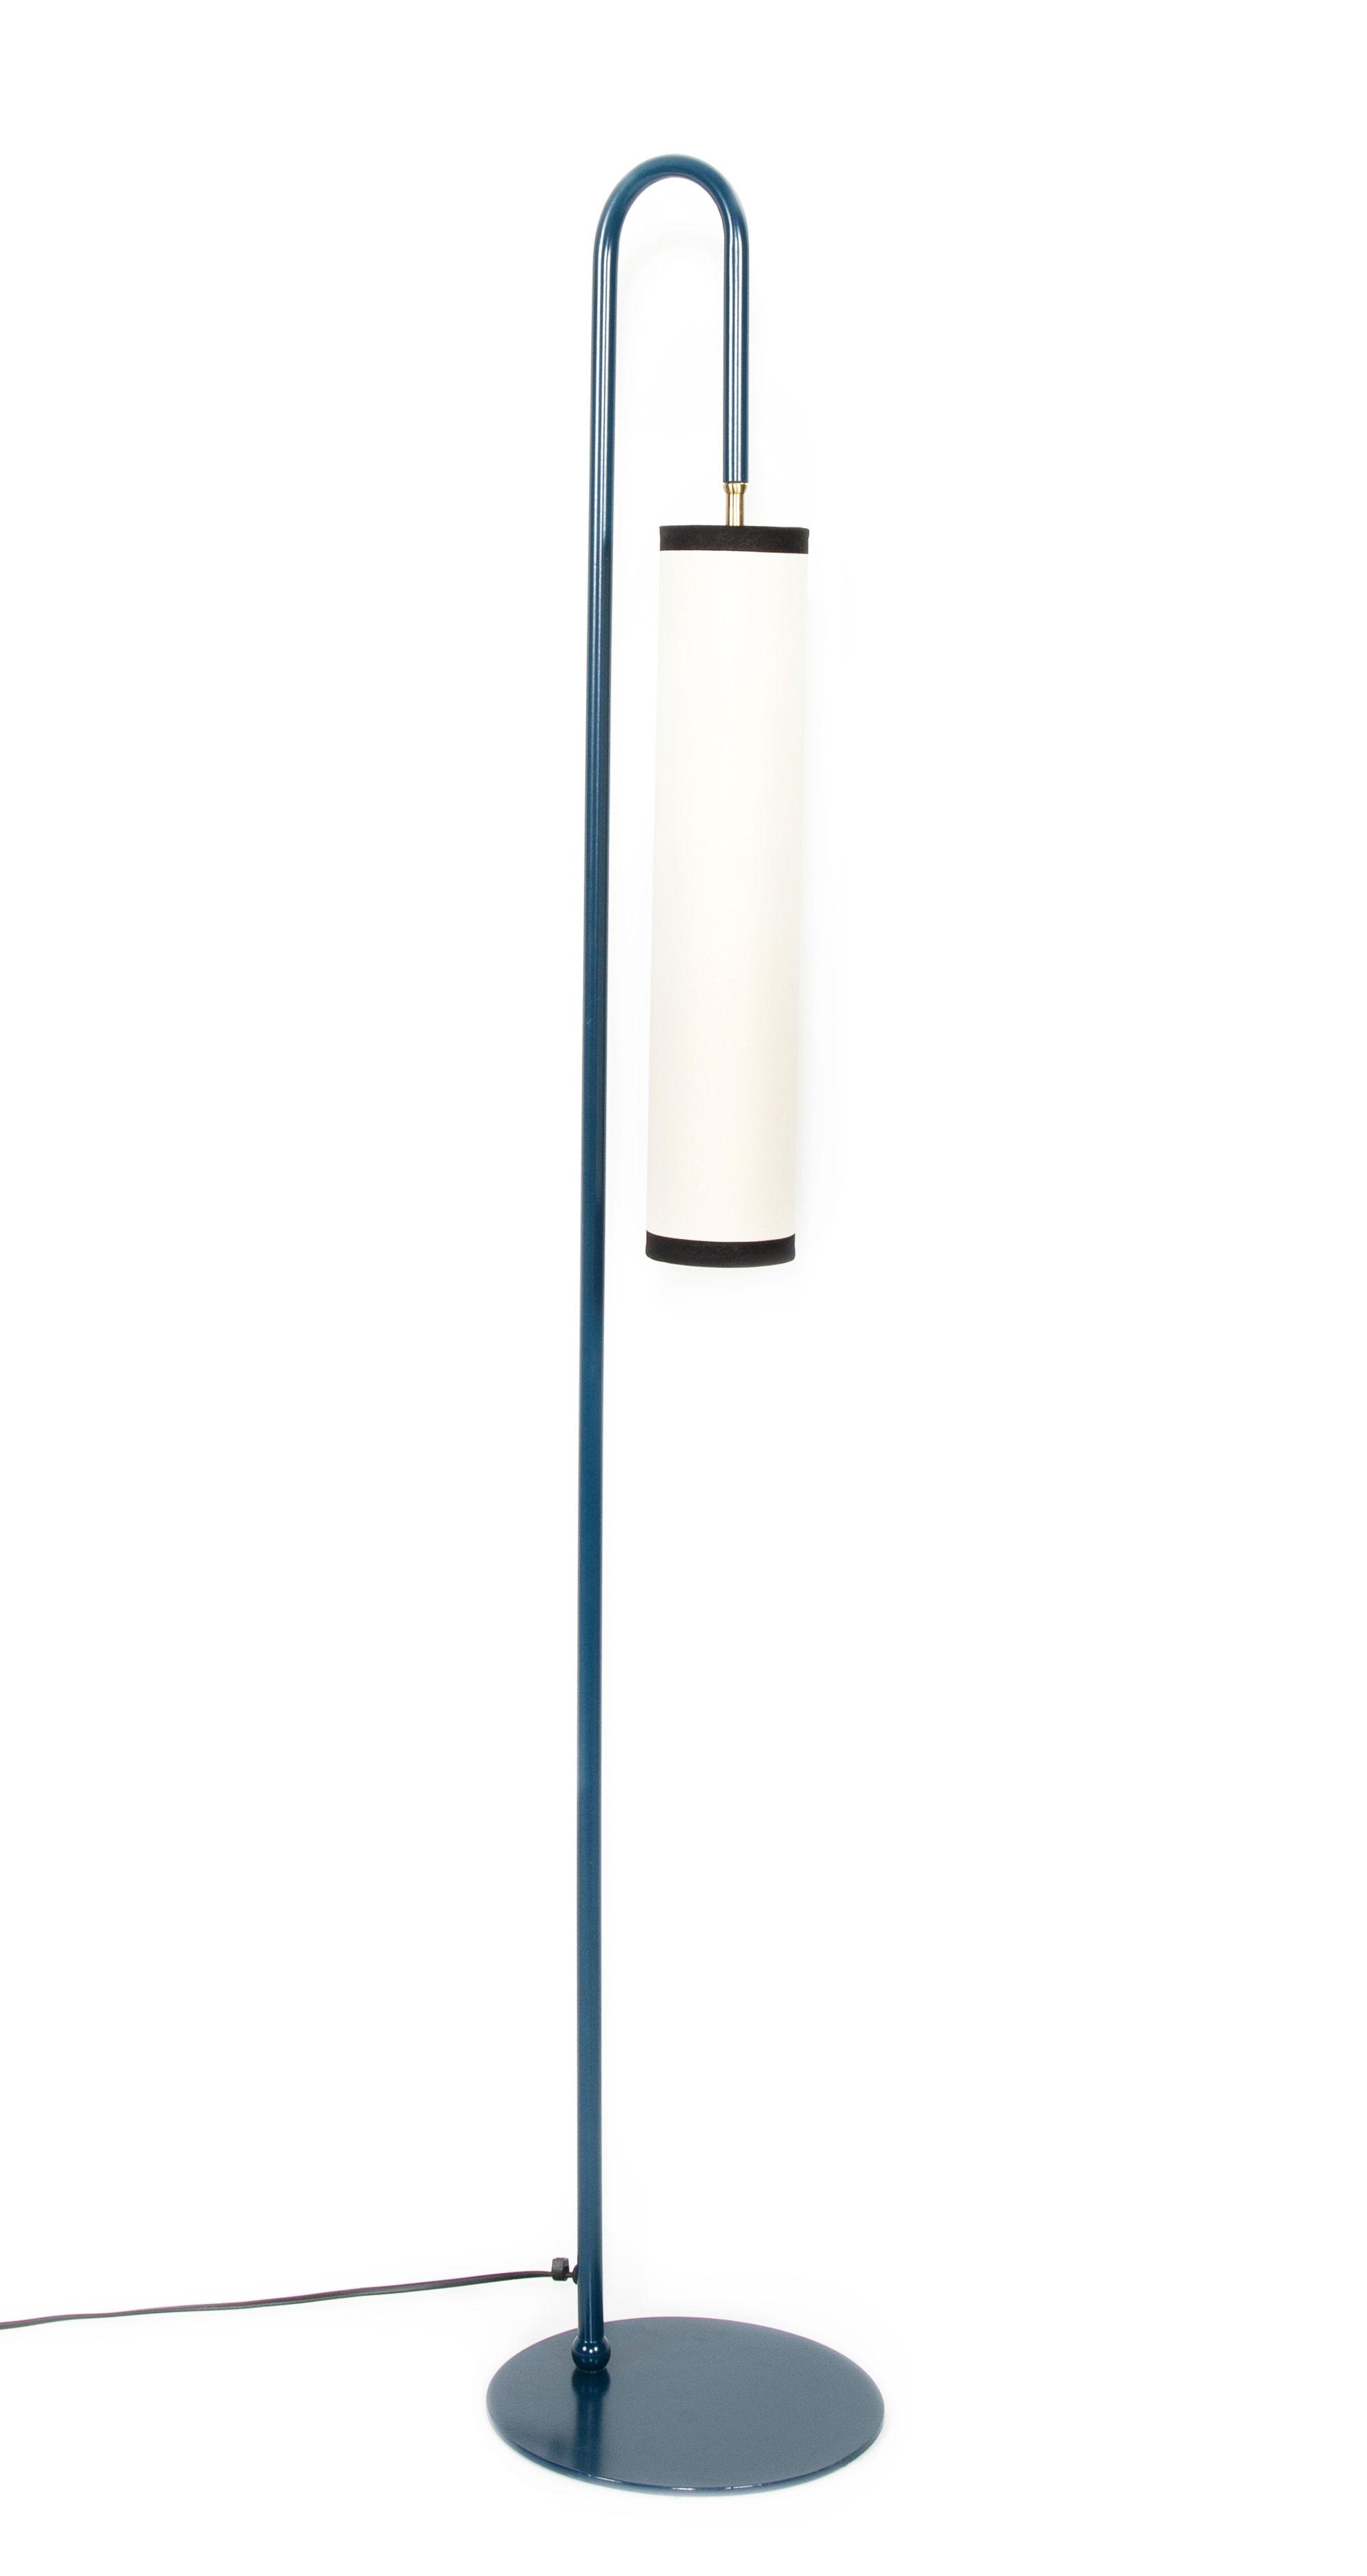 Luminaire - Lampadaires - Lampadaire Tokyo / H 140 cm - Coton - Maison Sarah Lavoine - Coton blanc / Bleu - Acier thermo-laqué, Coton